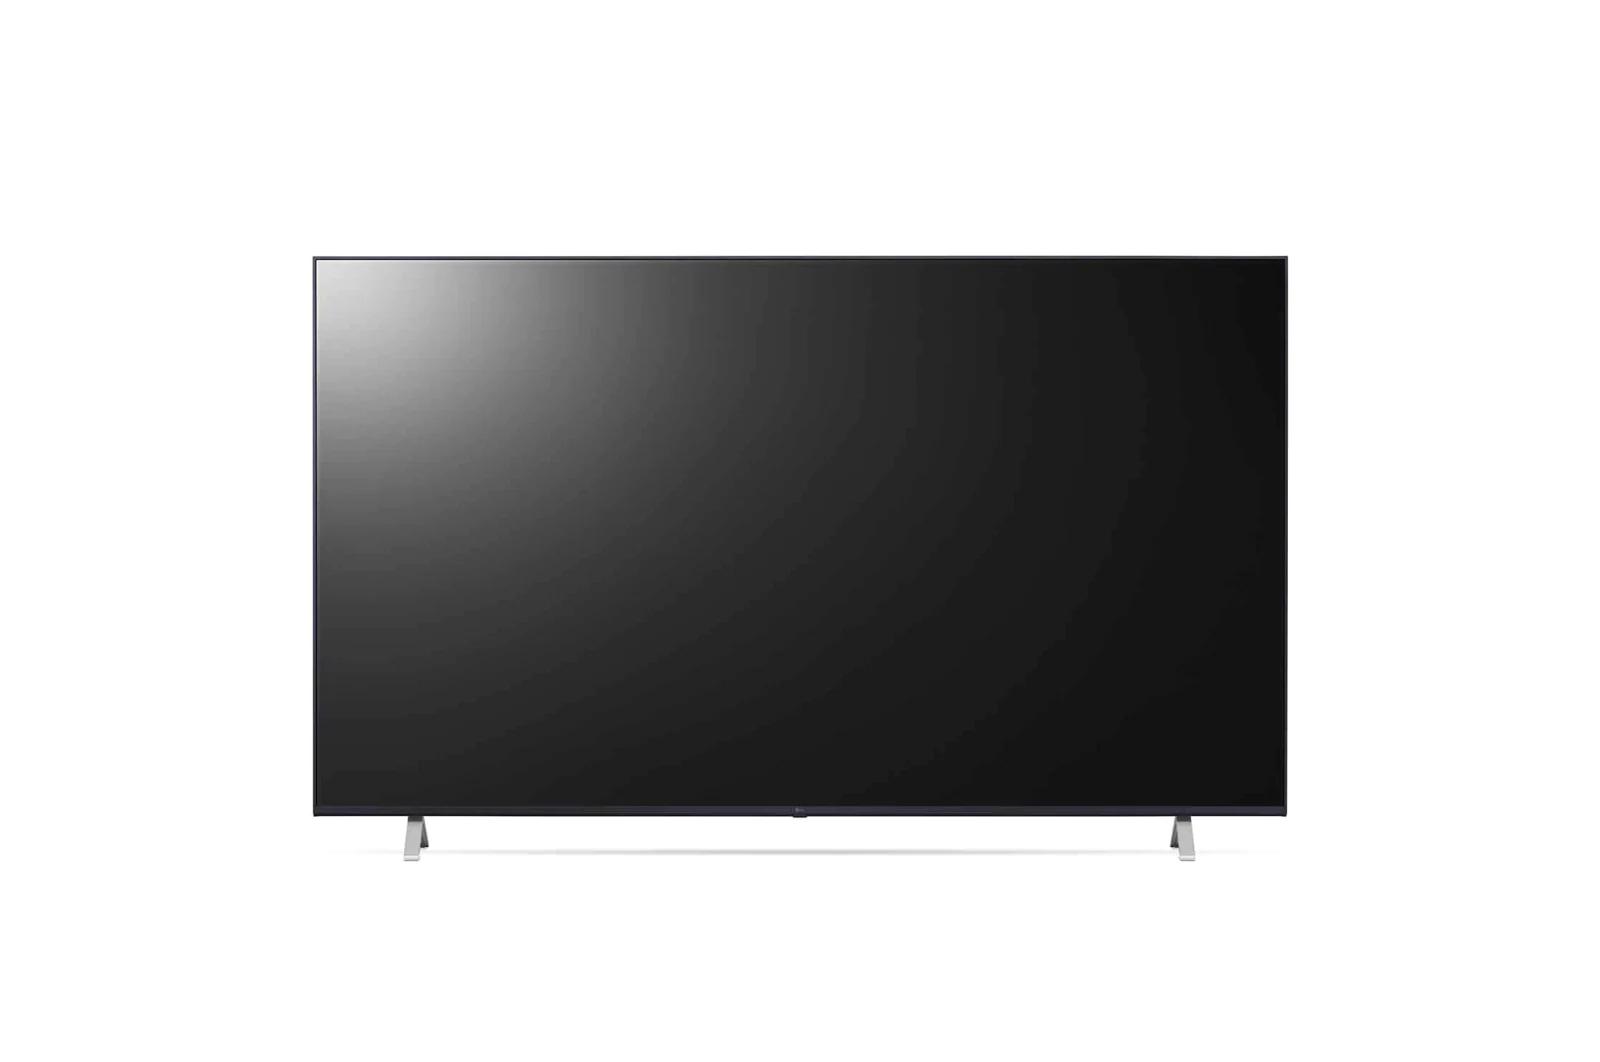 Televizor LG LED 70UP77506LA  - 2